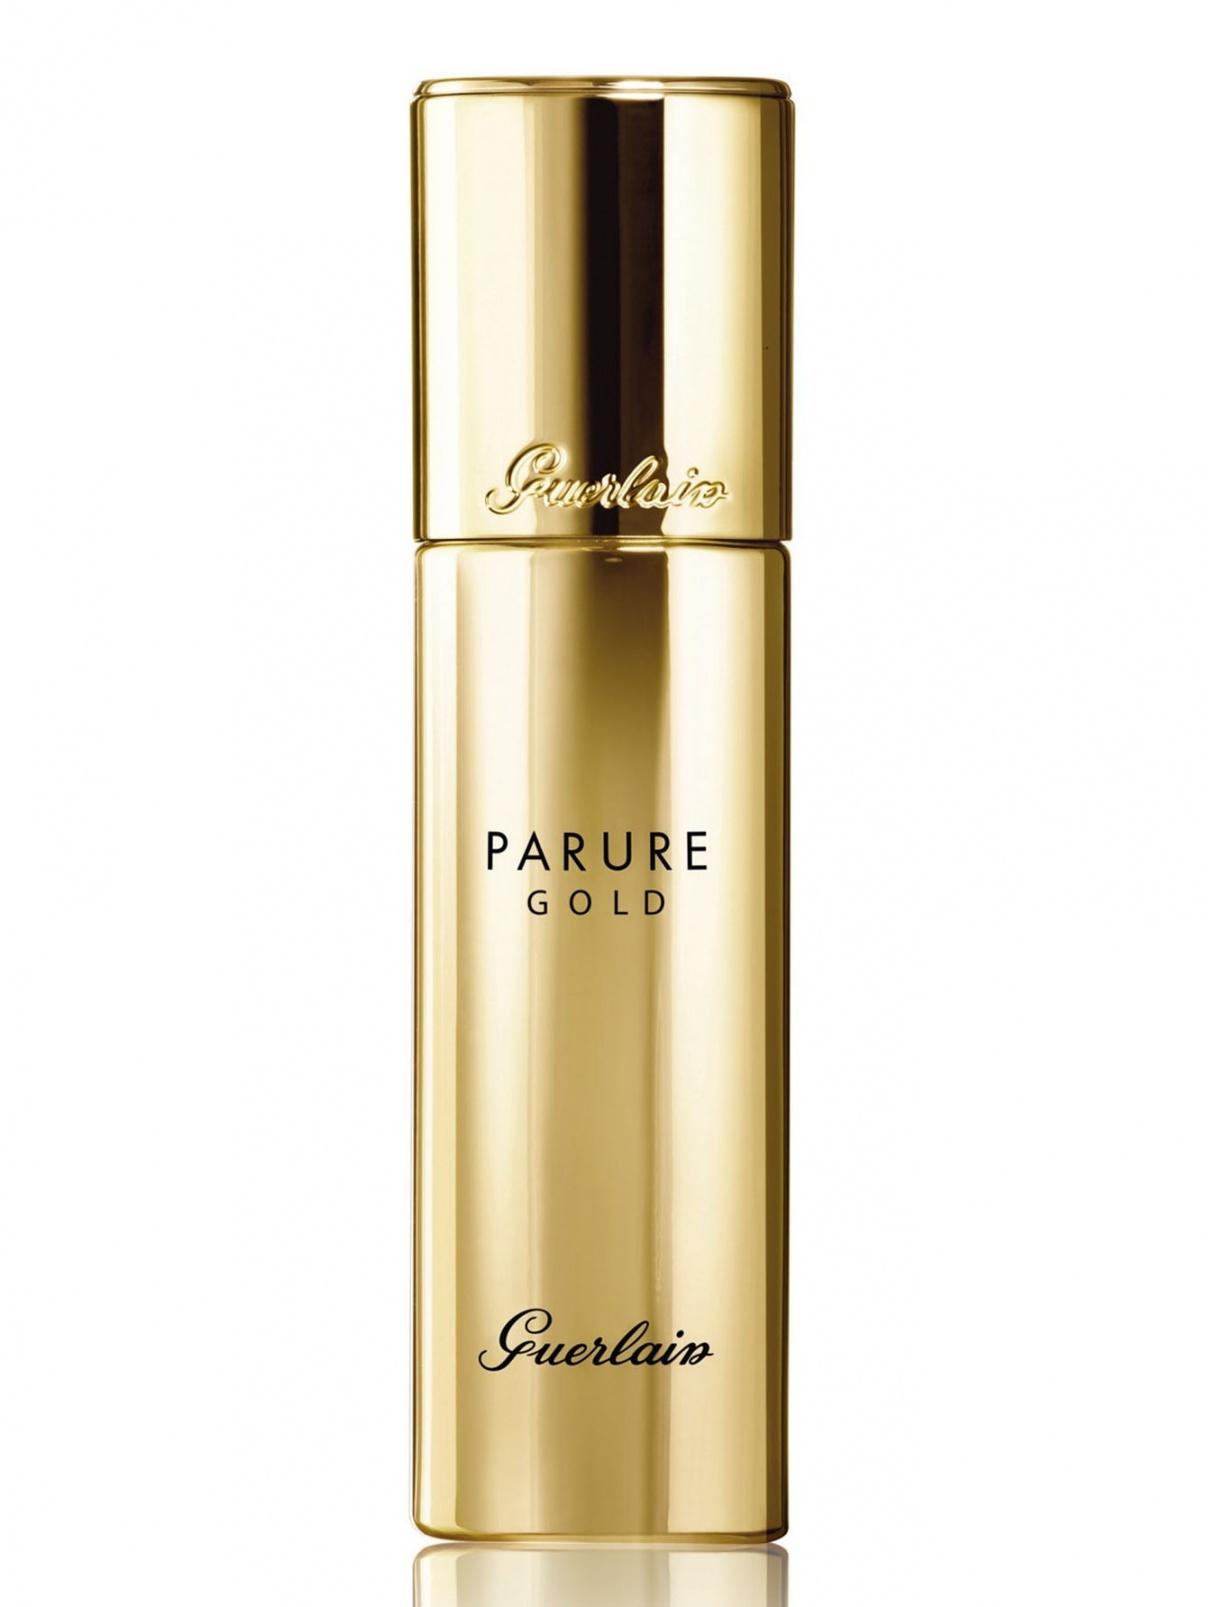 Стойкое тональное средство Parure Gold, 12 Розоватый бежевый, 30 мл Guerlain  –  Общий вид